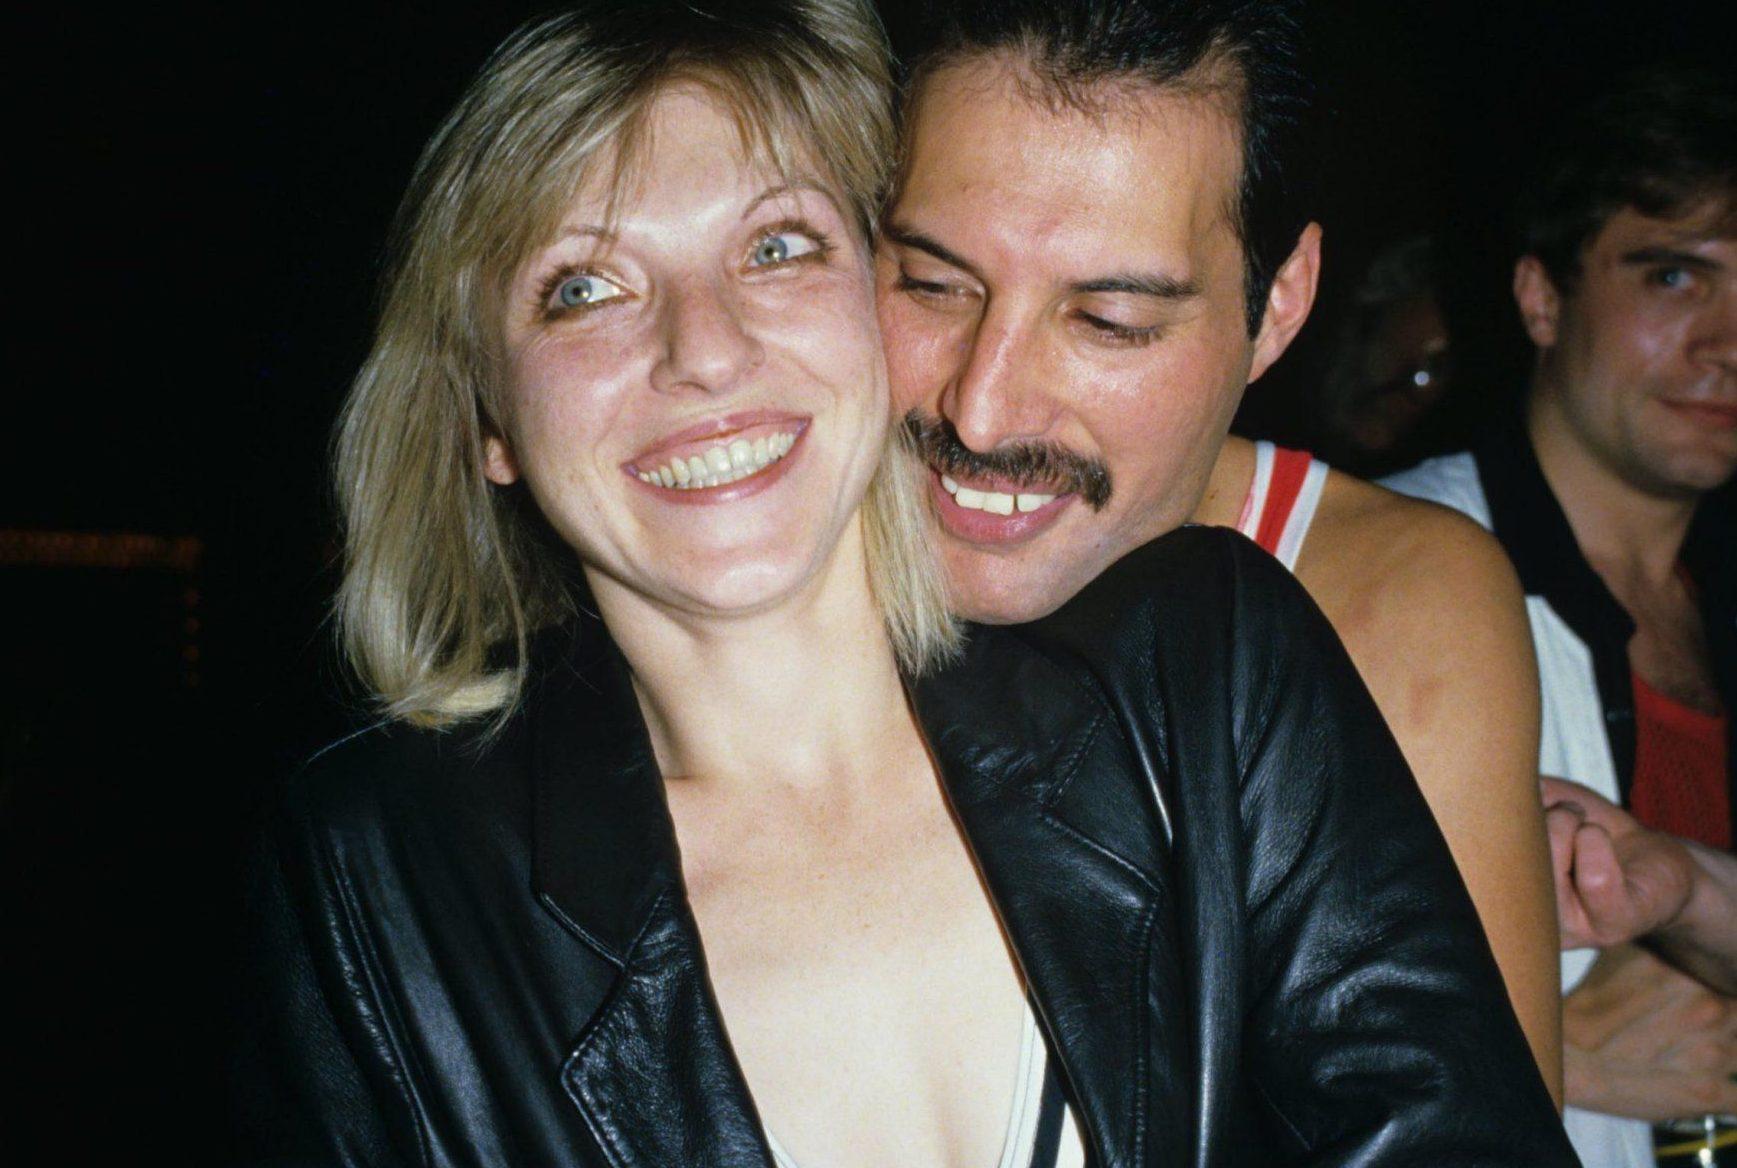 Freddie Mercury's ex-fiancee Mary Austin 'to receive £40m in royalties from Bohemian Rhapsody'